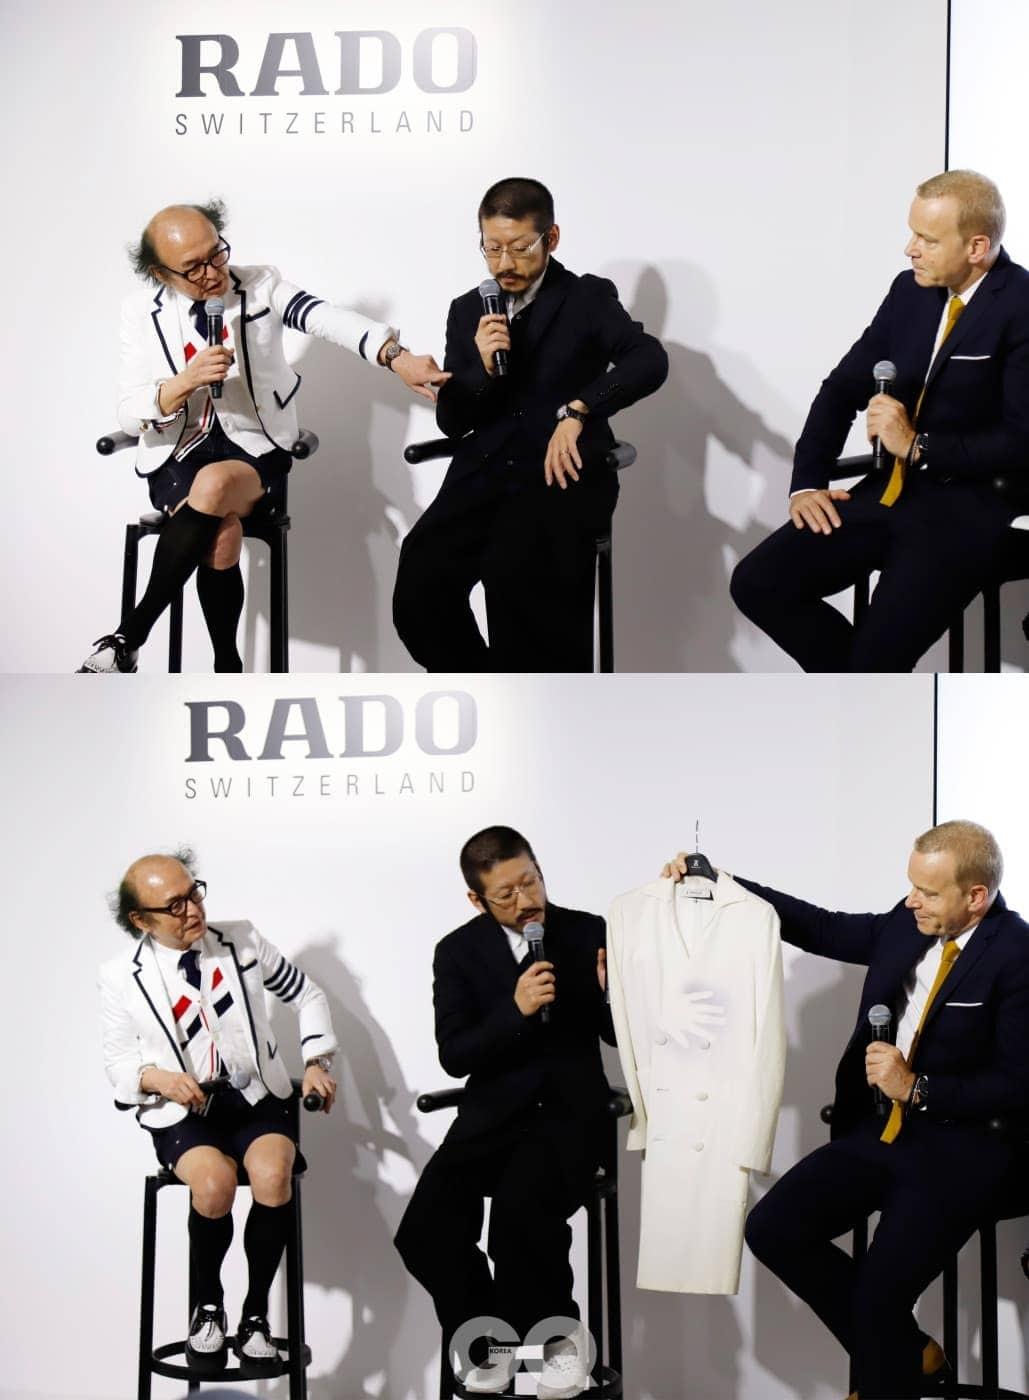 (왼쪽부터)  편집장 마사후미 스즈키, 라도 트루 섀도우를 디자인한 일본 패션 디자이너 쿠니히코 모리나가, 라도 CEO 마티아스 브레스찬이 참여한 토크쇼. 시계에 대한 다양한 관점의 이야기와 포토크로믹 소재에 관한 설명을 들을 수 있었다.